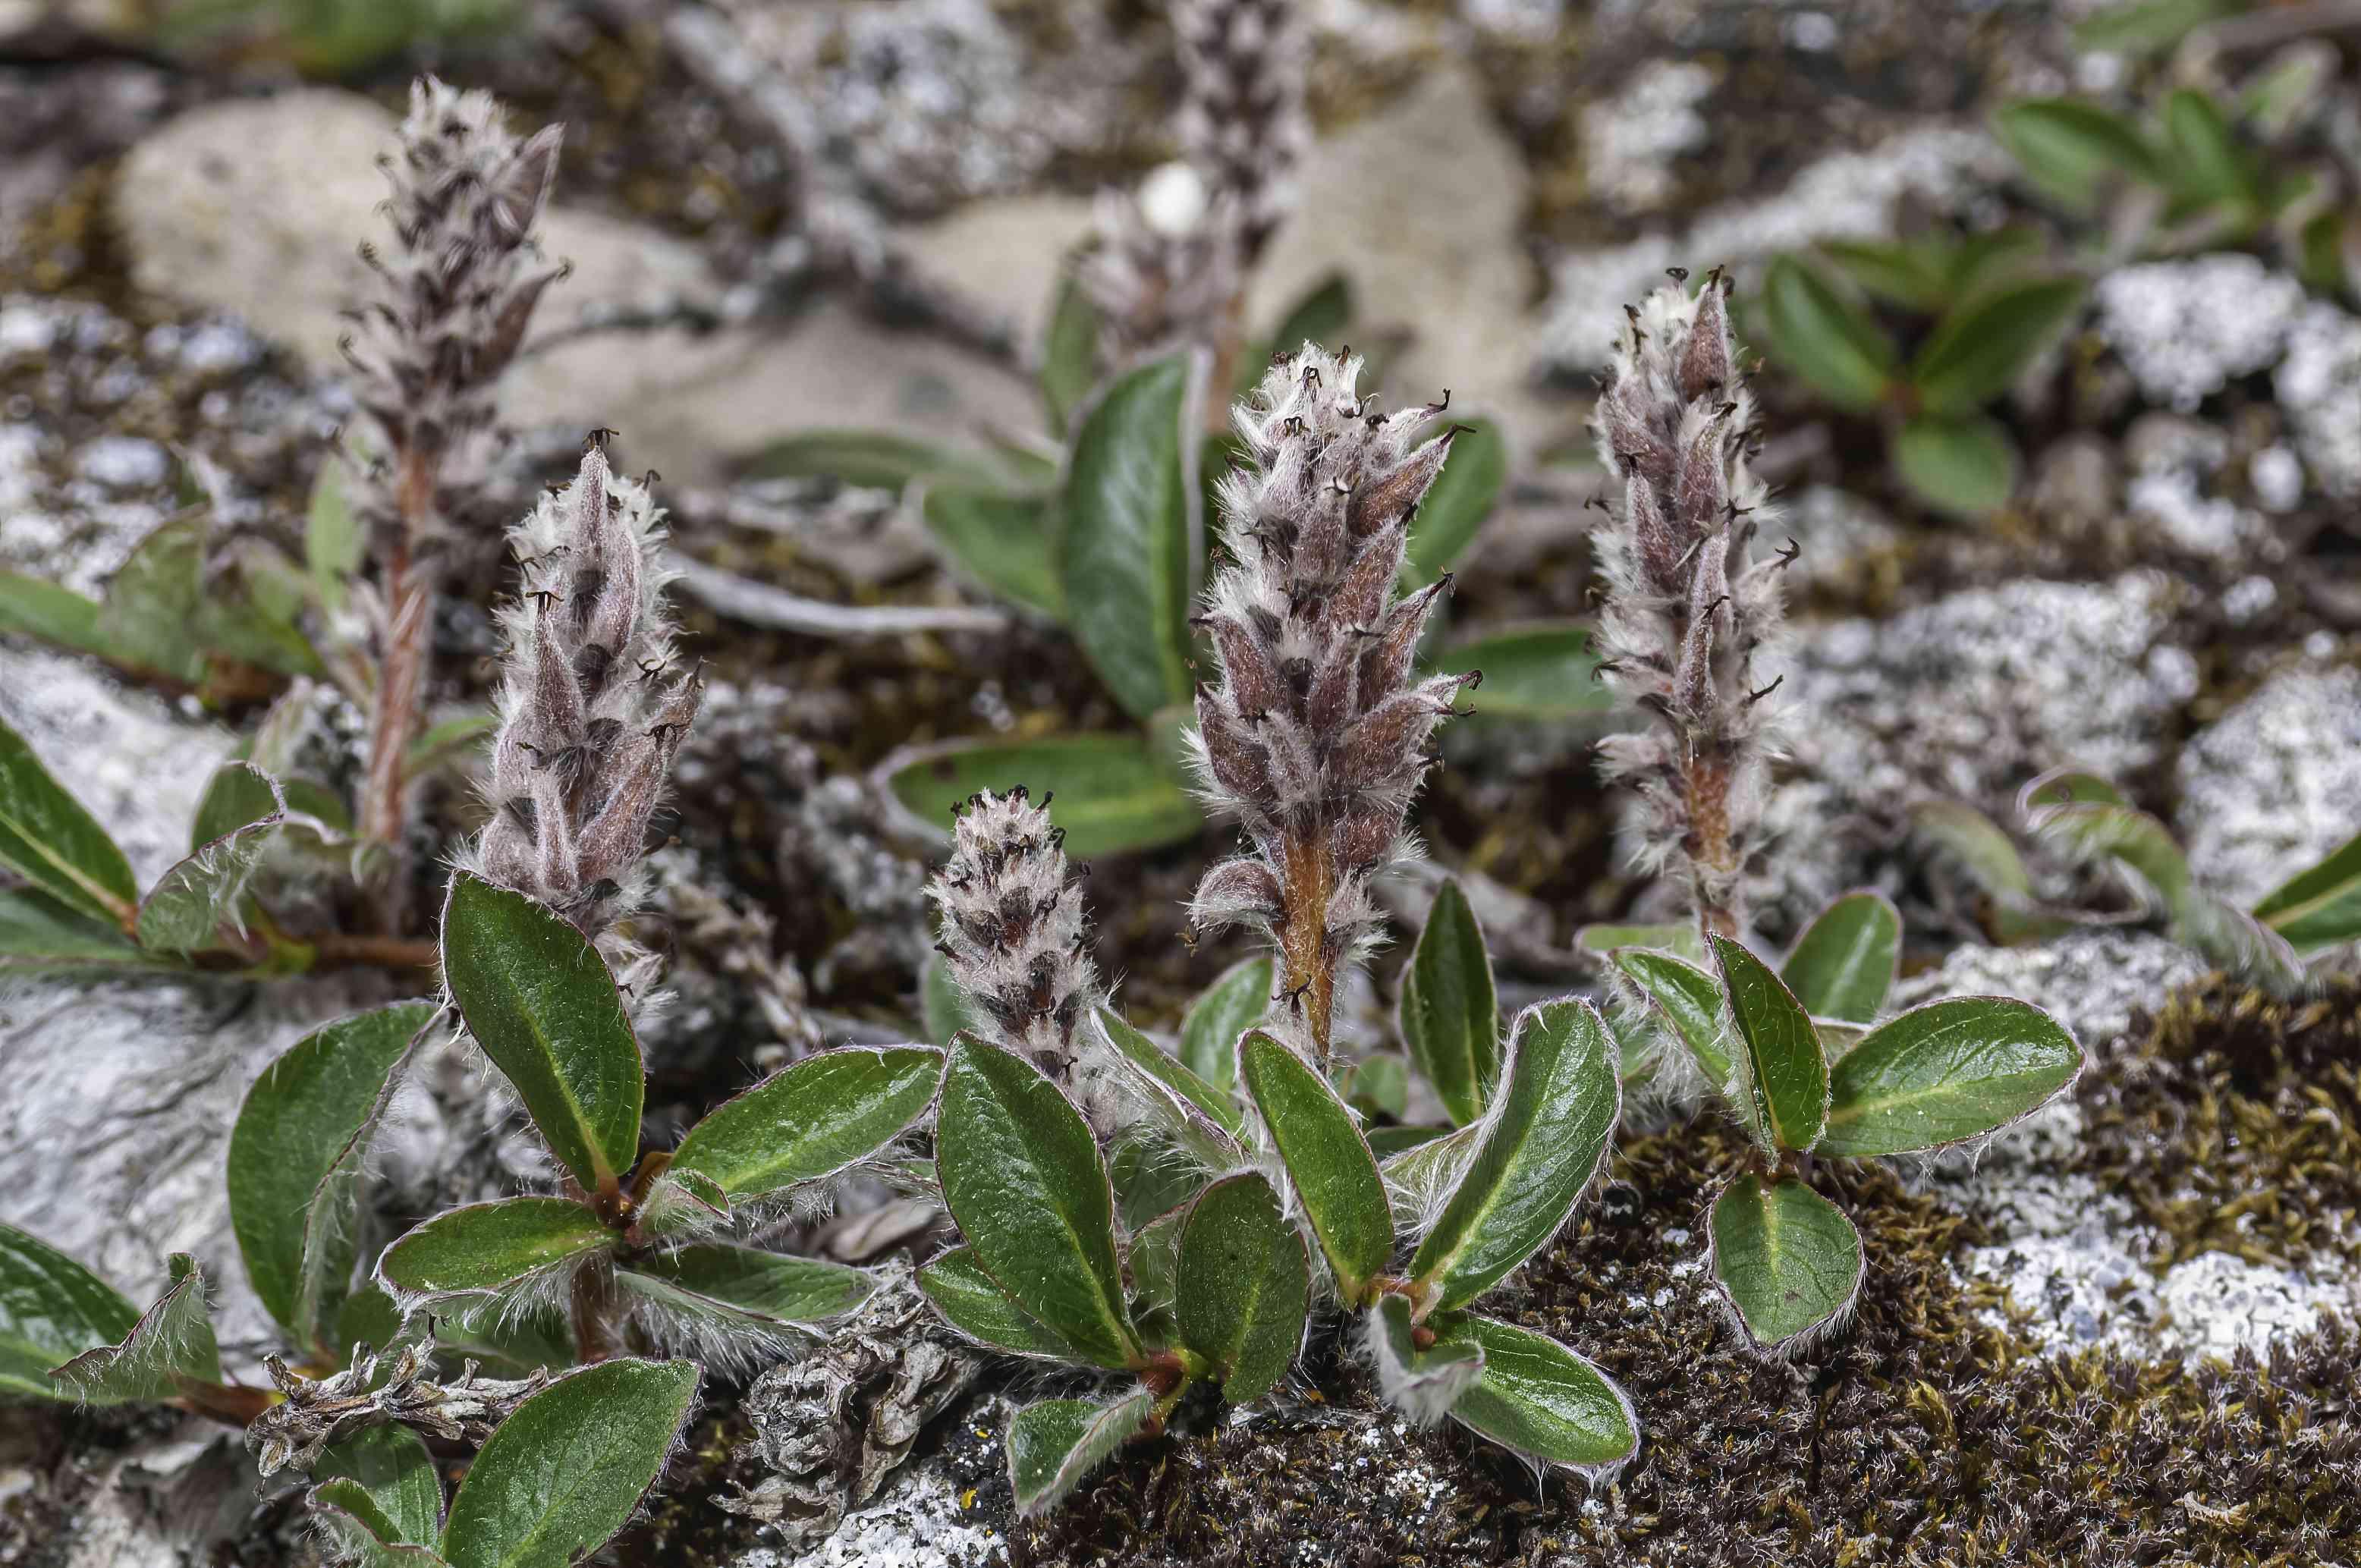 Arctic willow plant